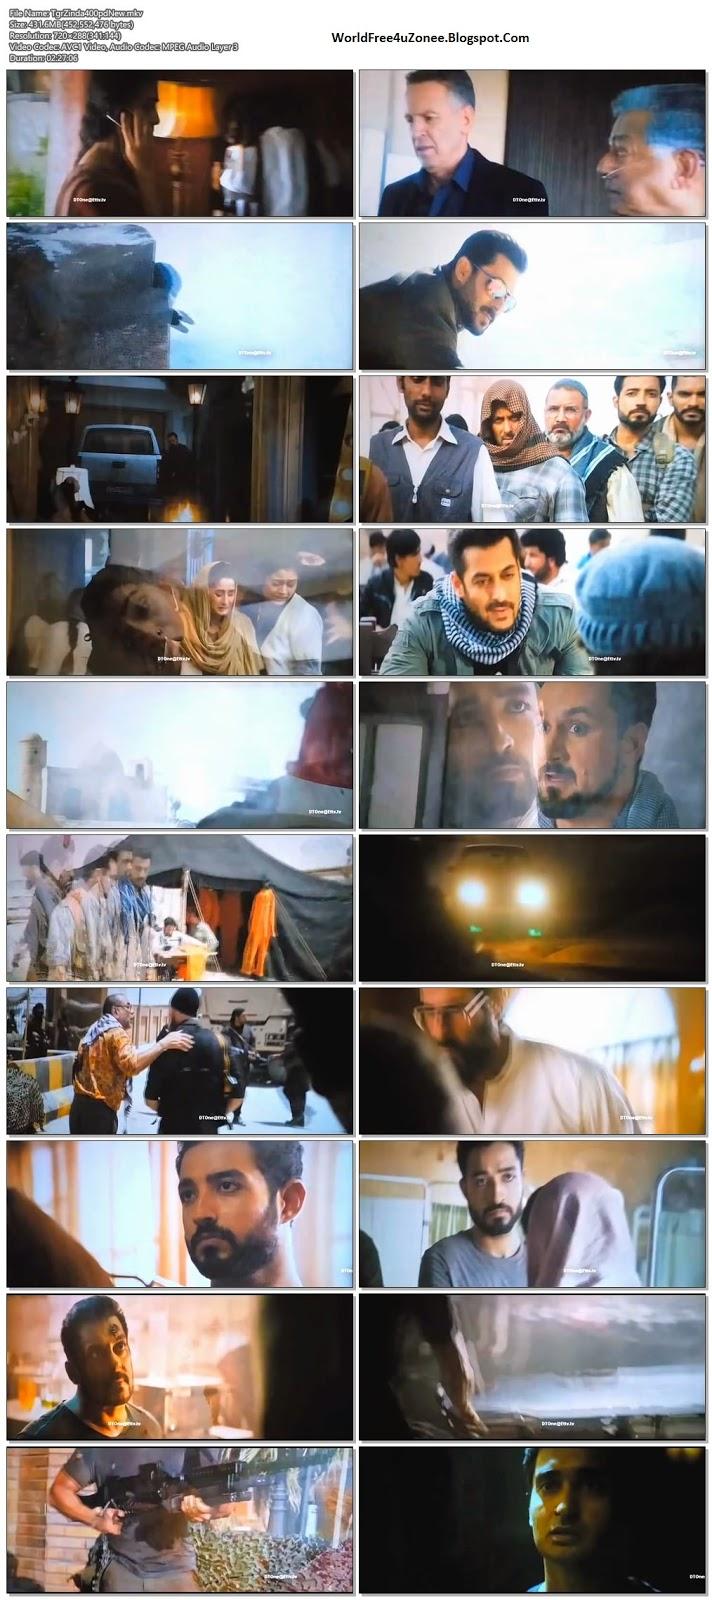 Tiger Zinda Hai (2017) Hindi Pre-DVDRip 480p 400MB Full Movie Free Download And Watch Online Latest Bollywood Hindi Movies 2017 Free At WorldFree4uZonee.Blogspot.Com